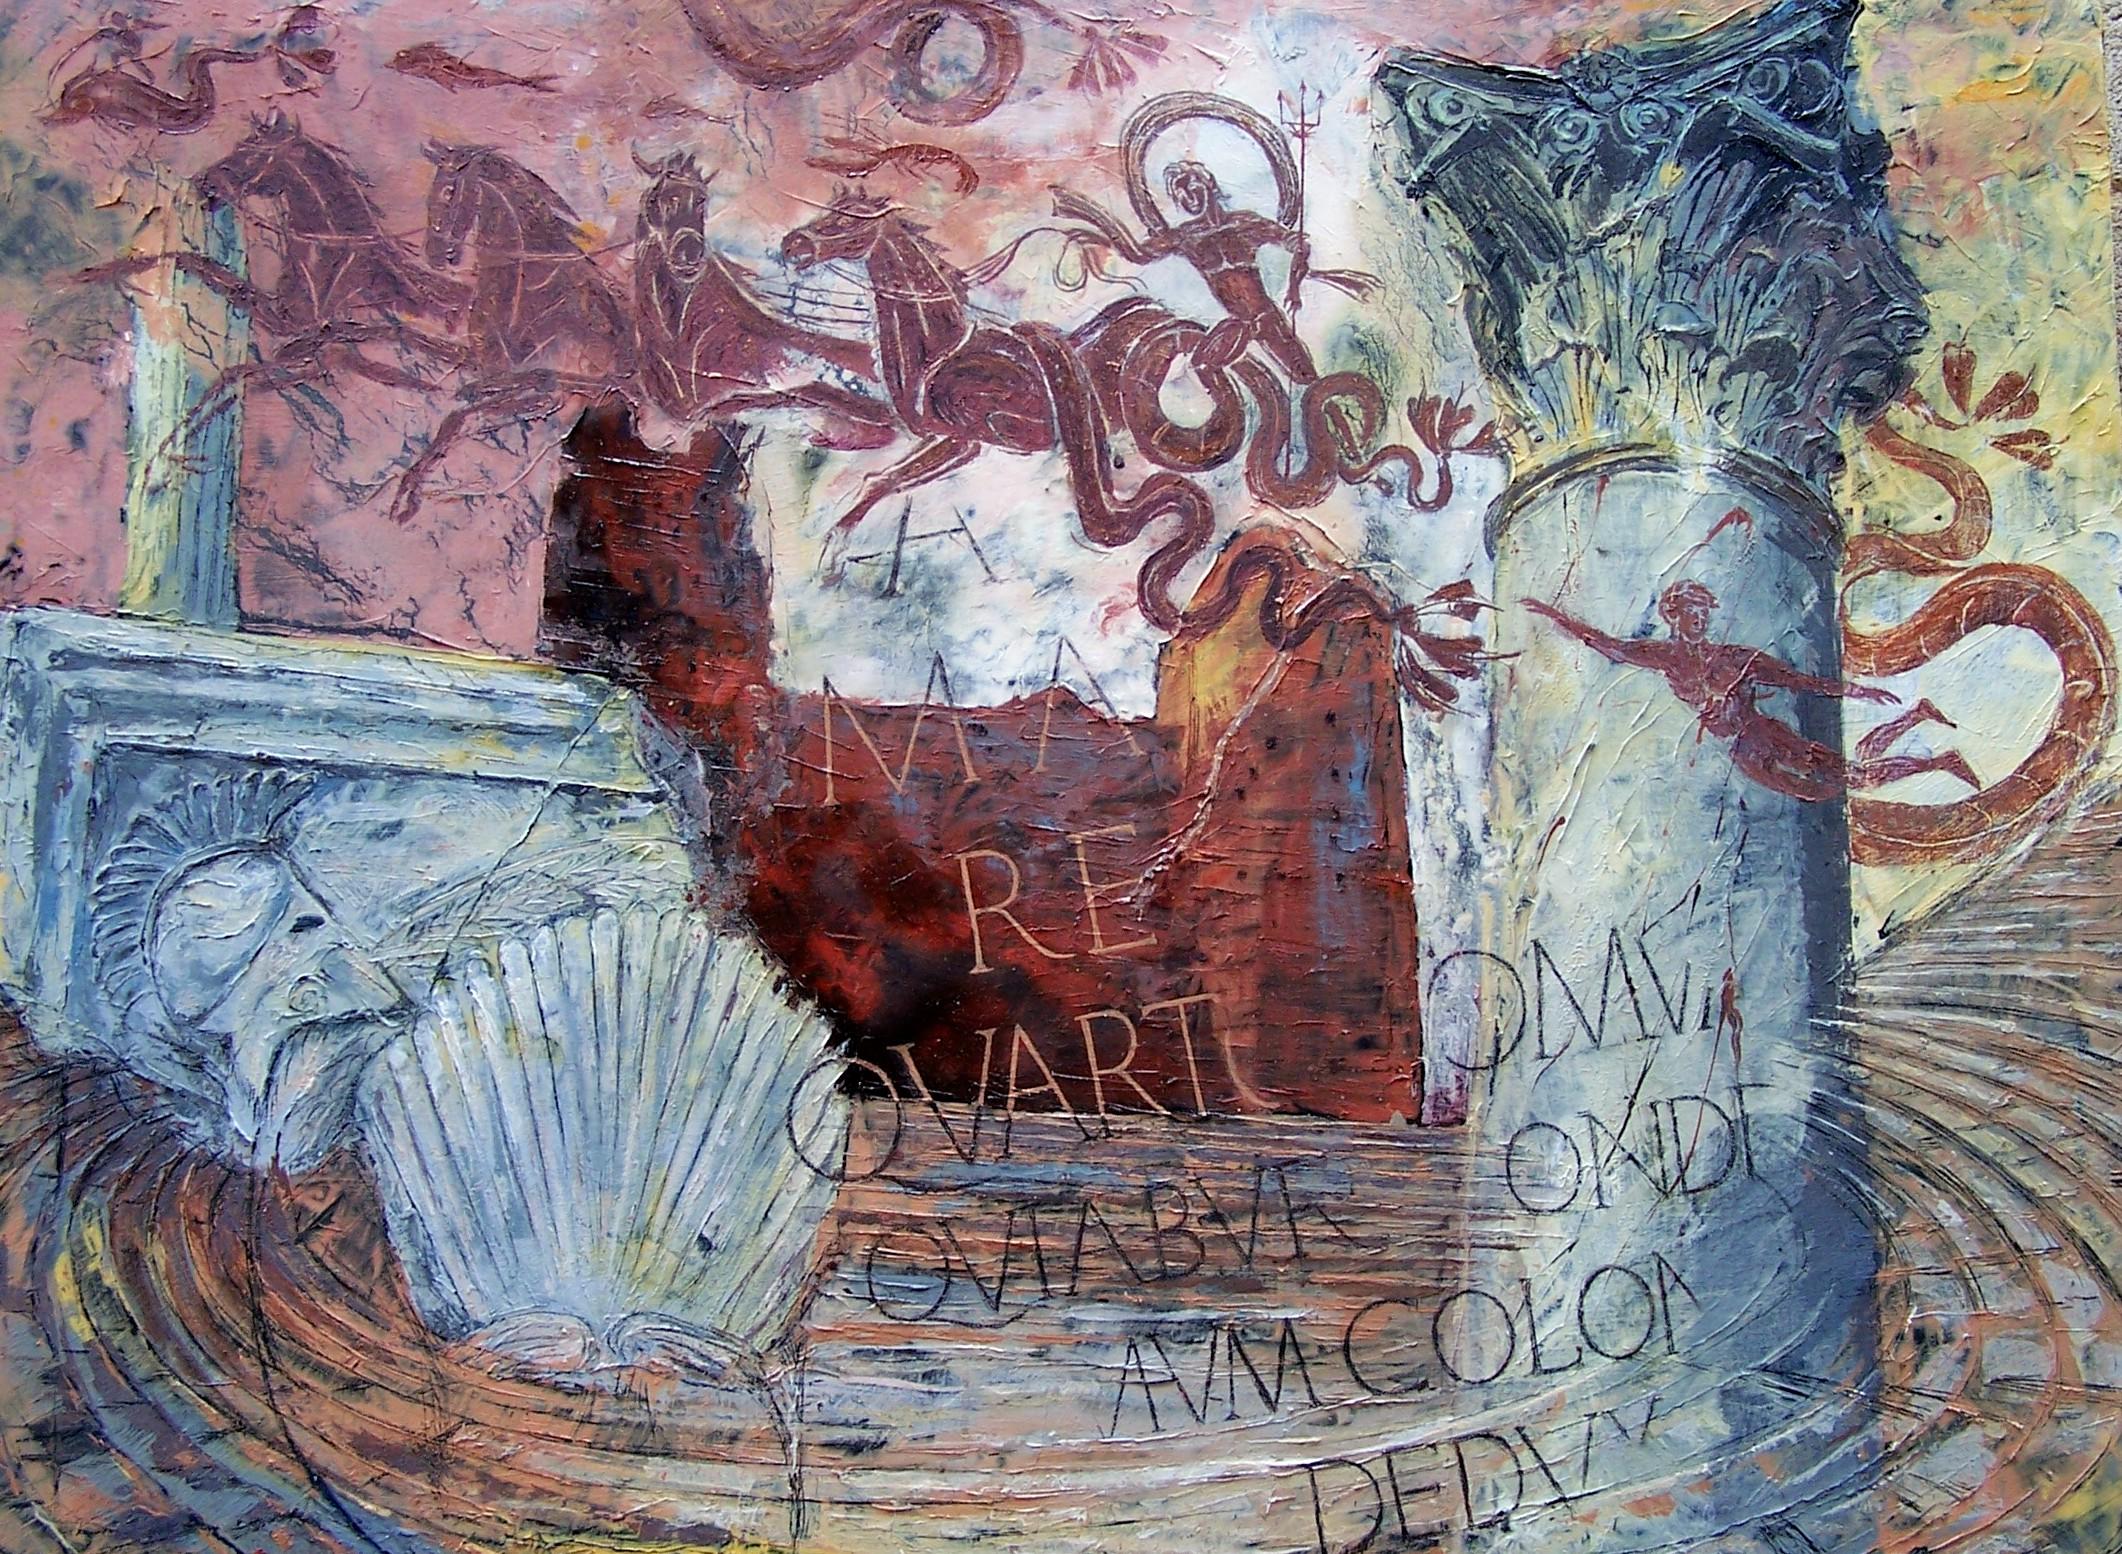 Ostia Antica, Capitolium, oil on canvas, 90x120